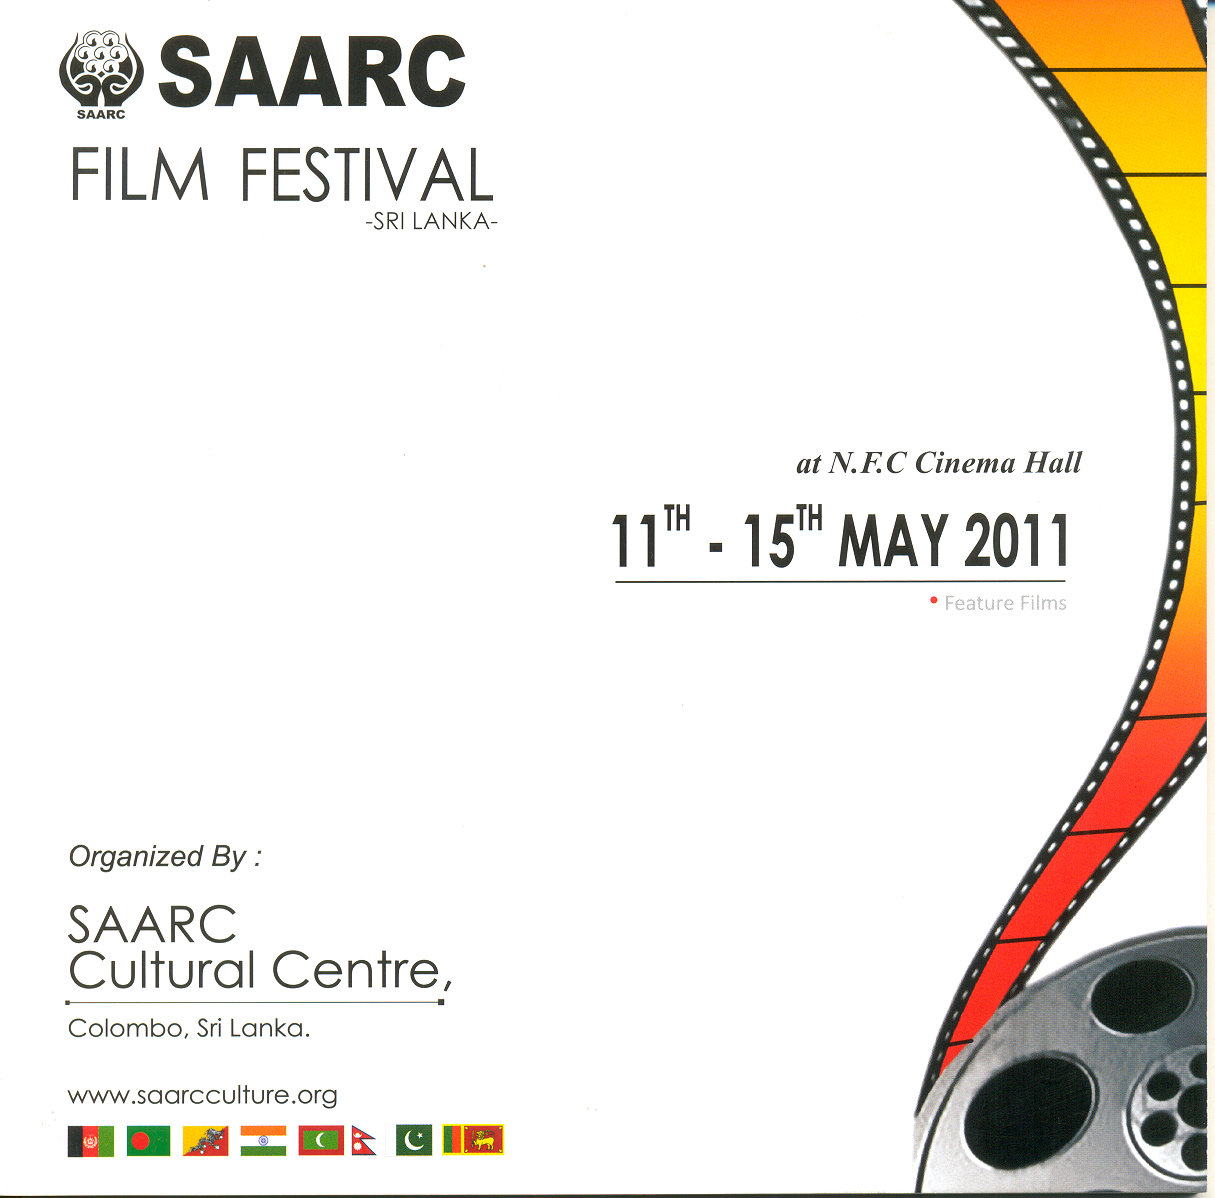 SAARC Film Festival - 2011 Image